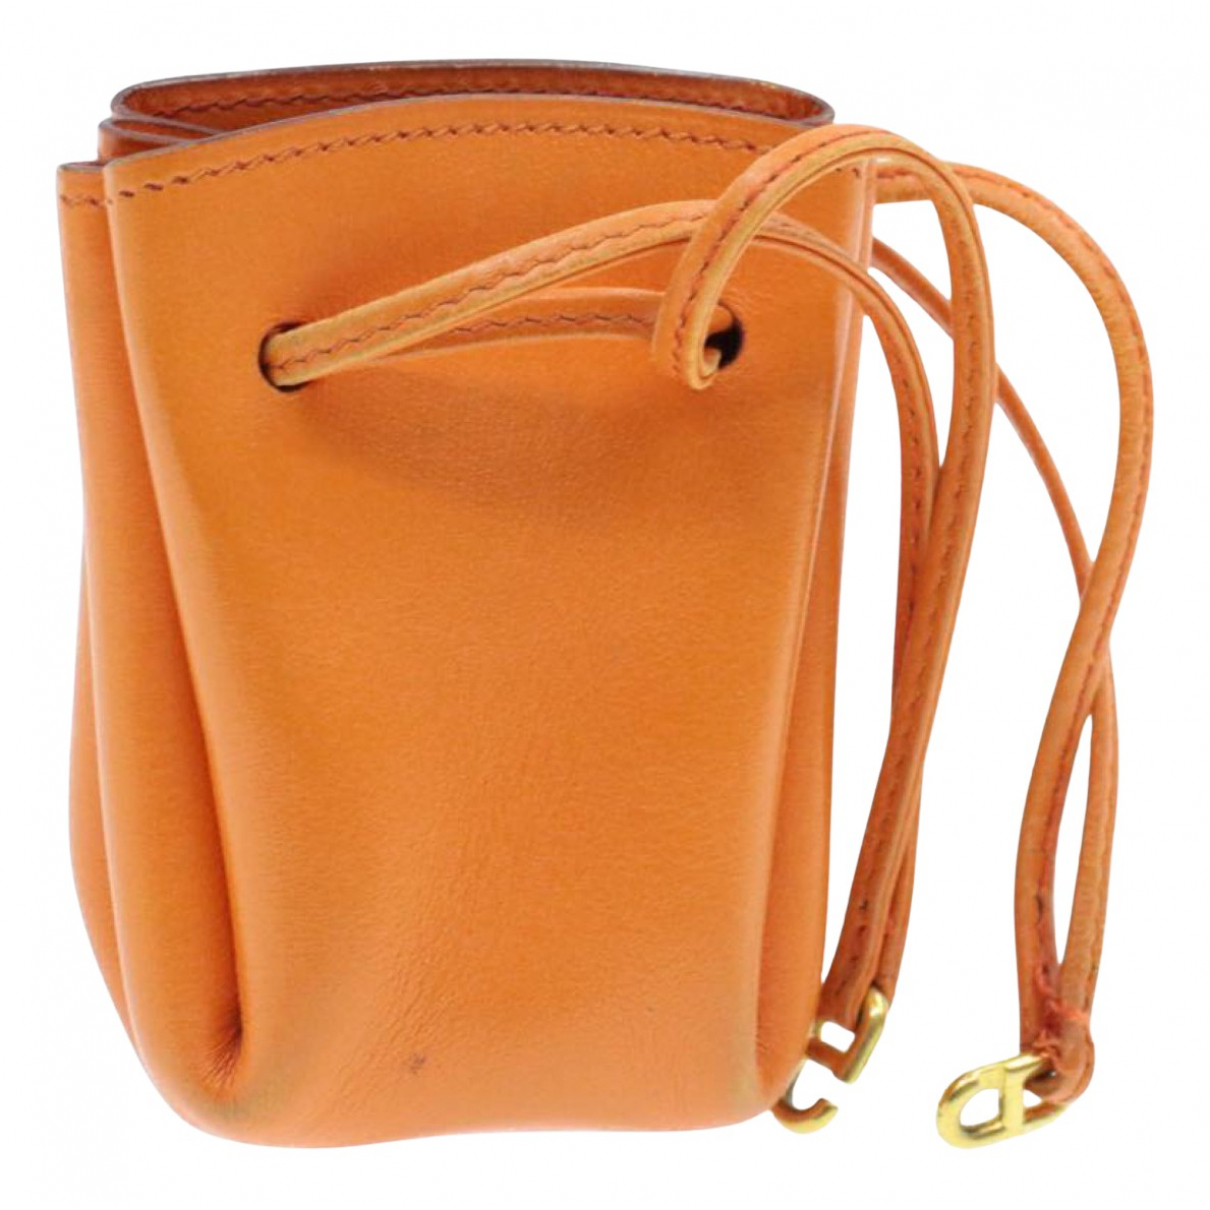 Hermes \N Clutch in  Orange Leder